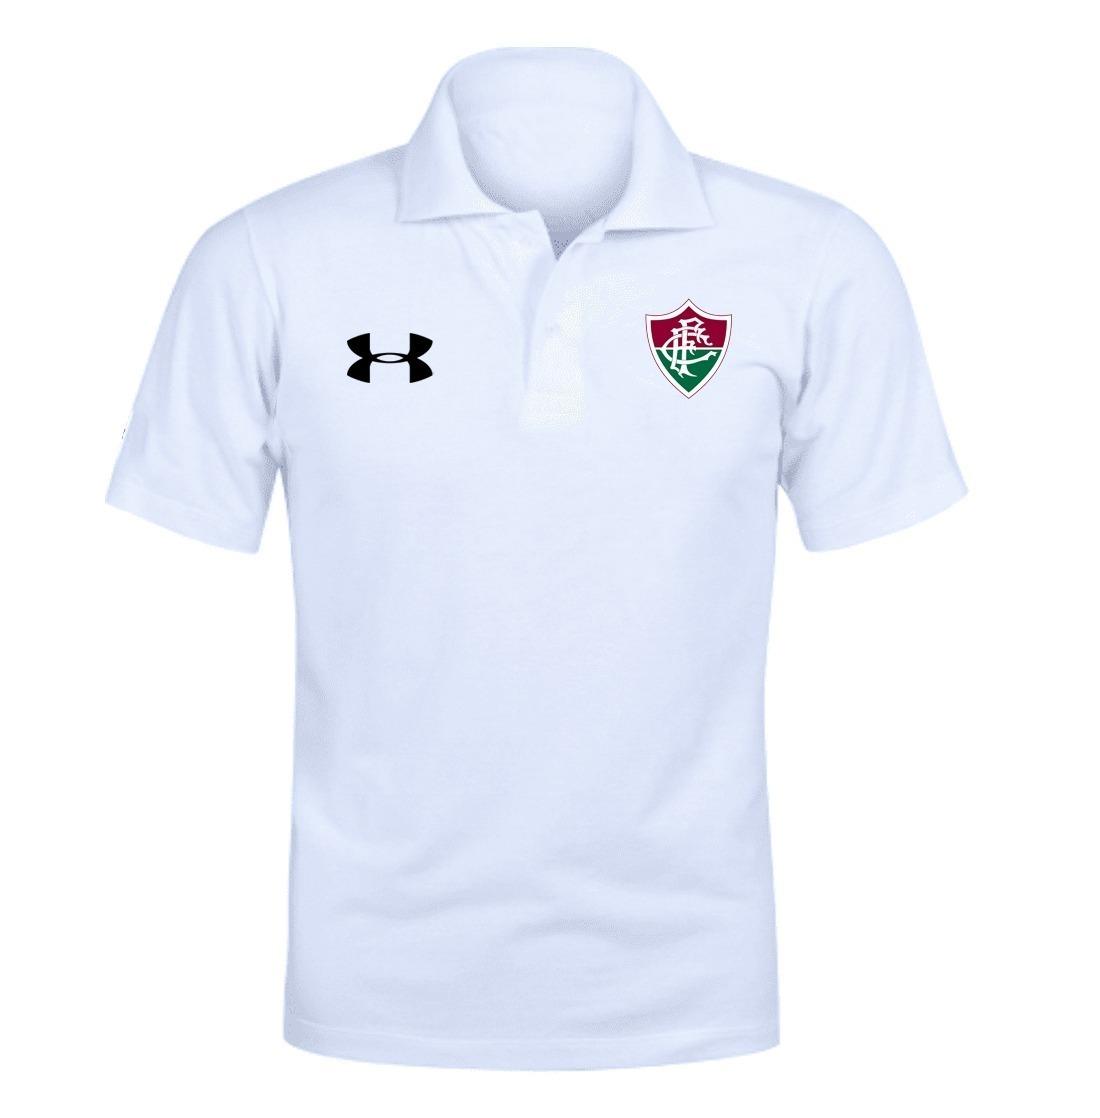 f49a550809718 camiseta camisa polo fluminense futebol time tricolor. Carregando zoom.